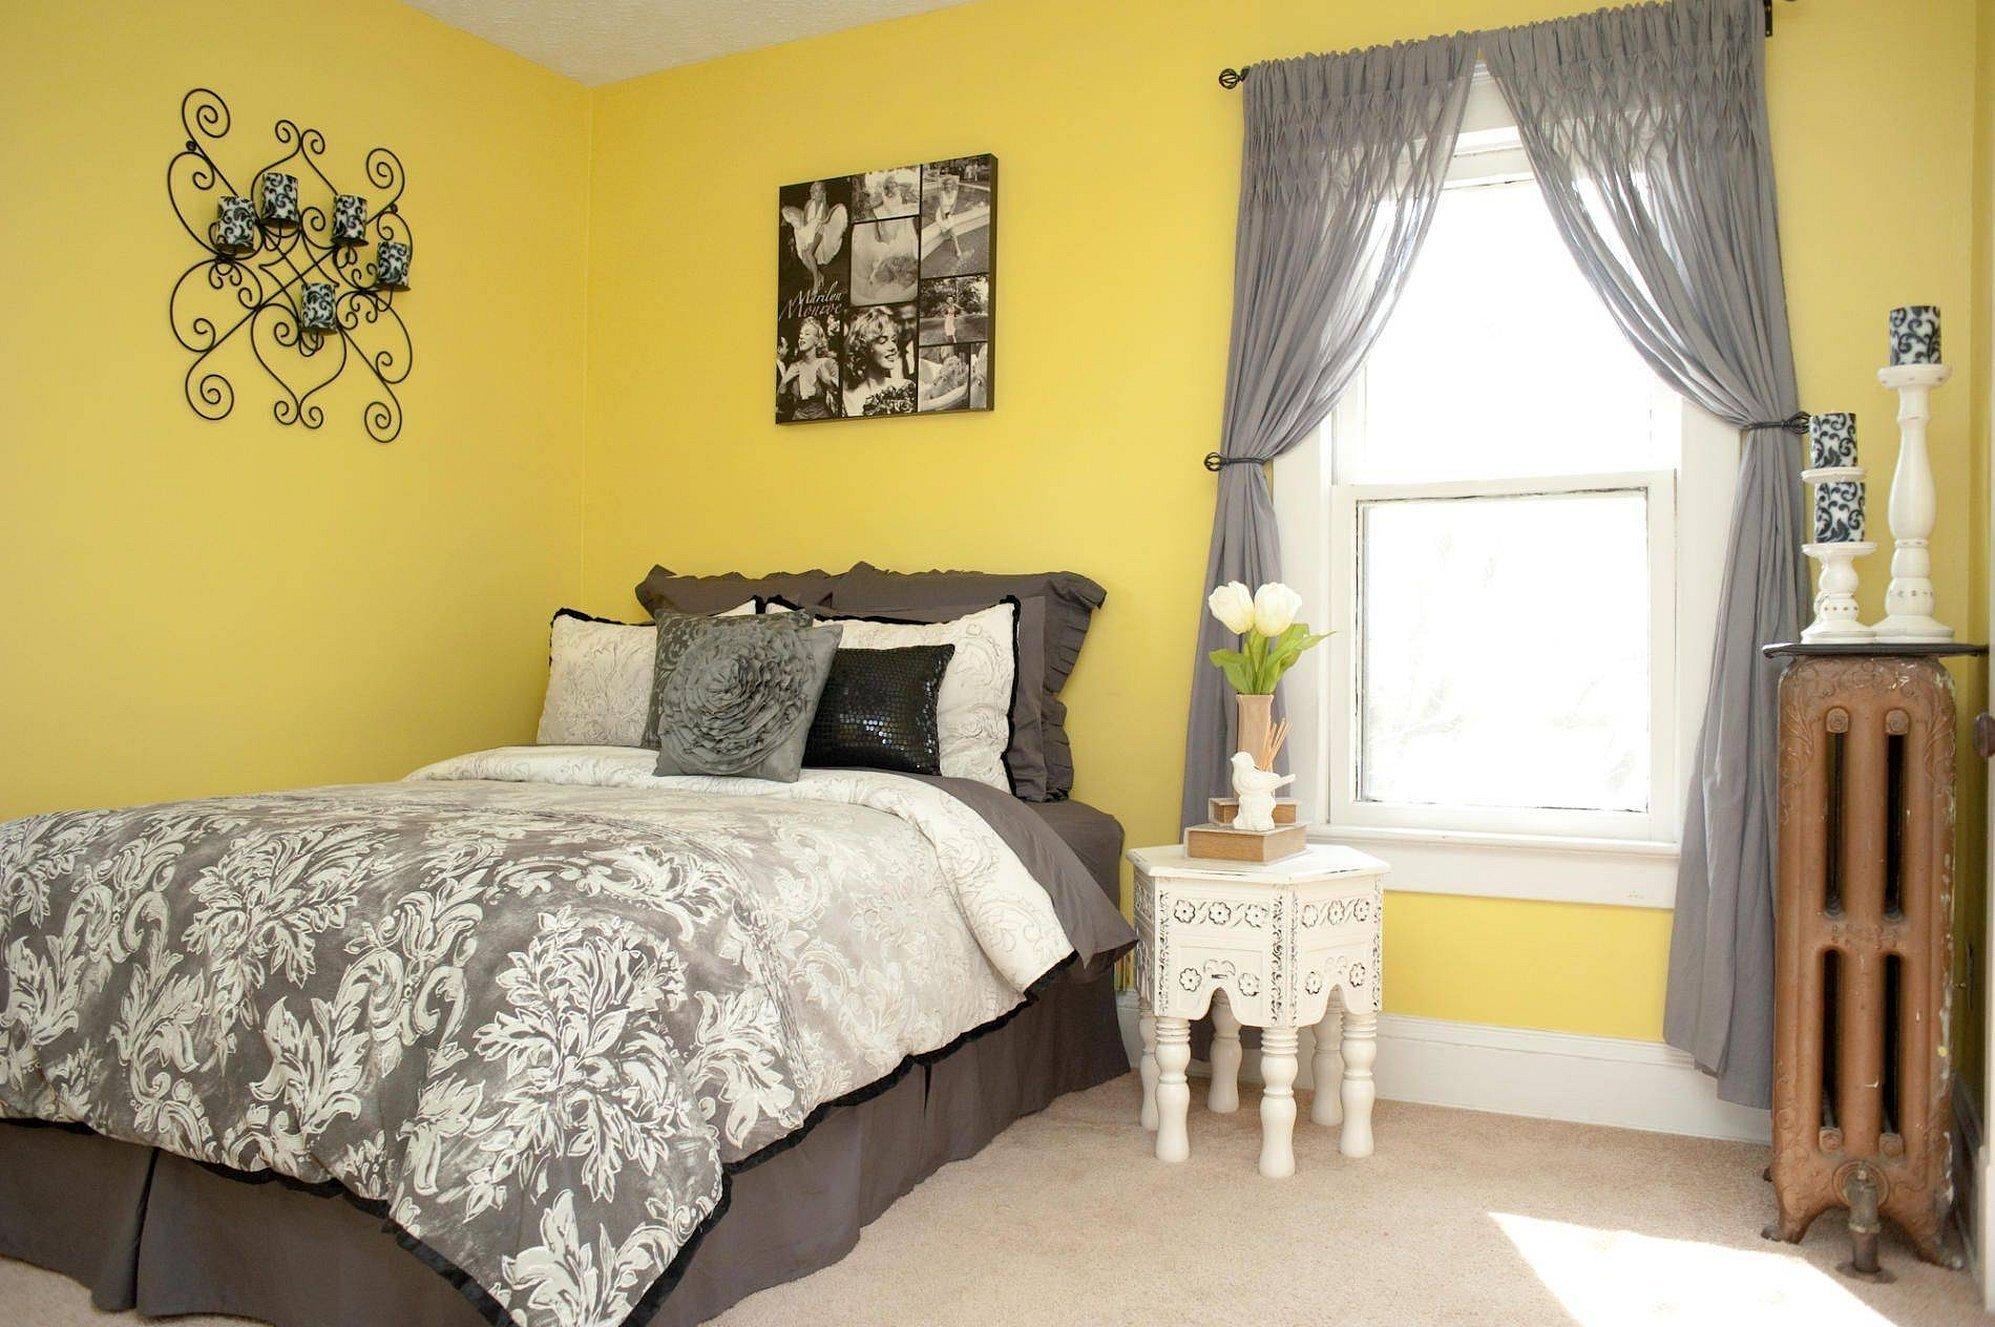 Цветовые сочетания в интерьере спальни